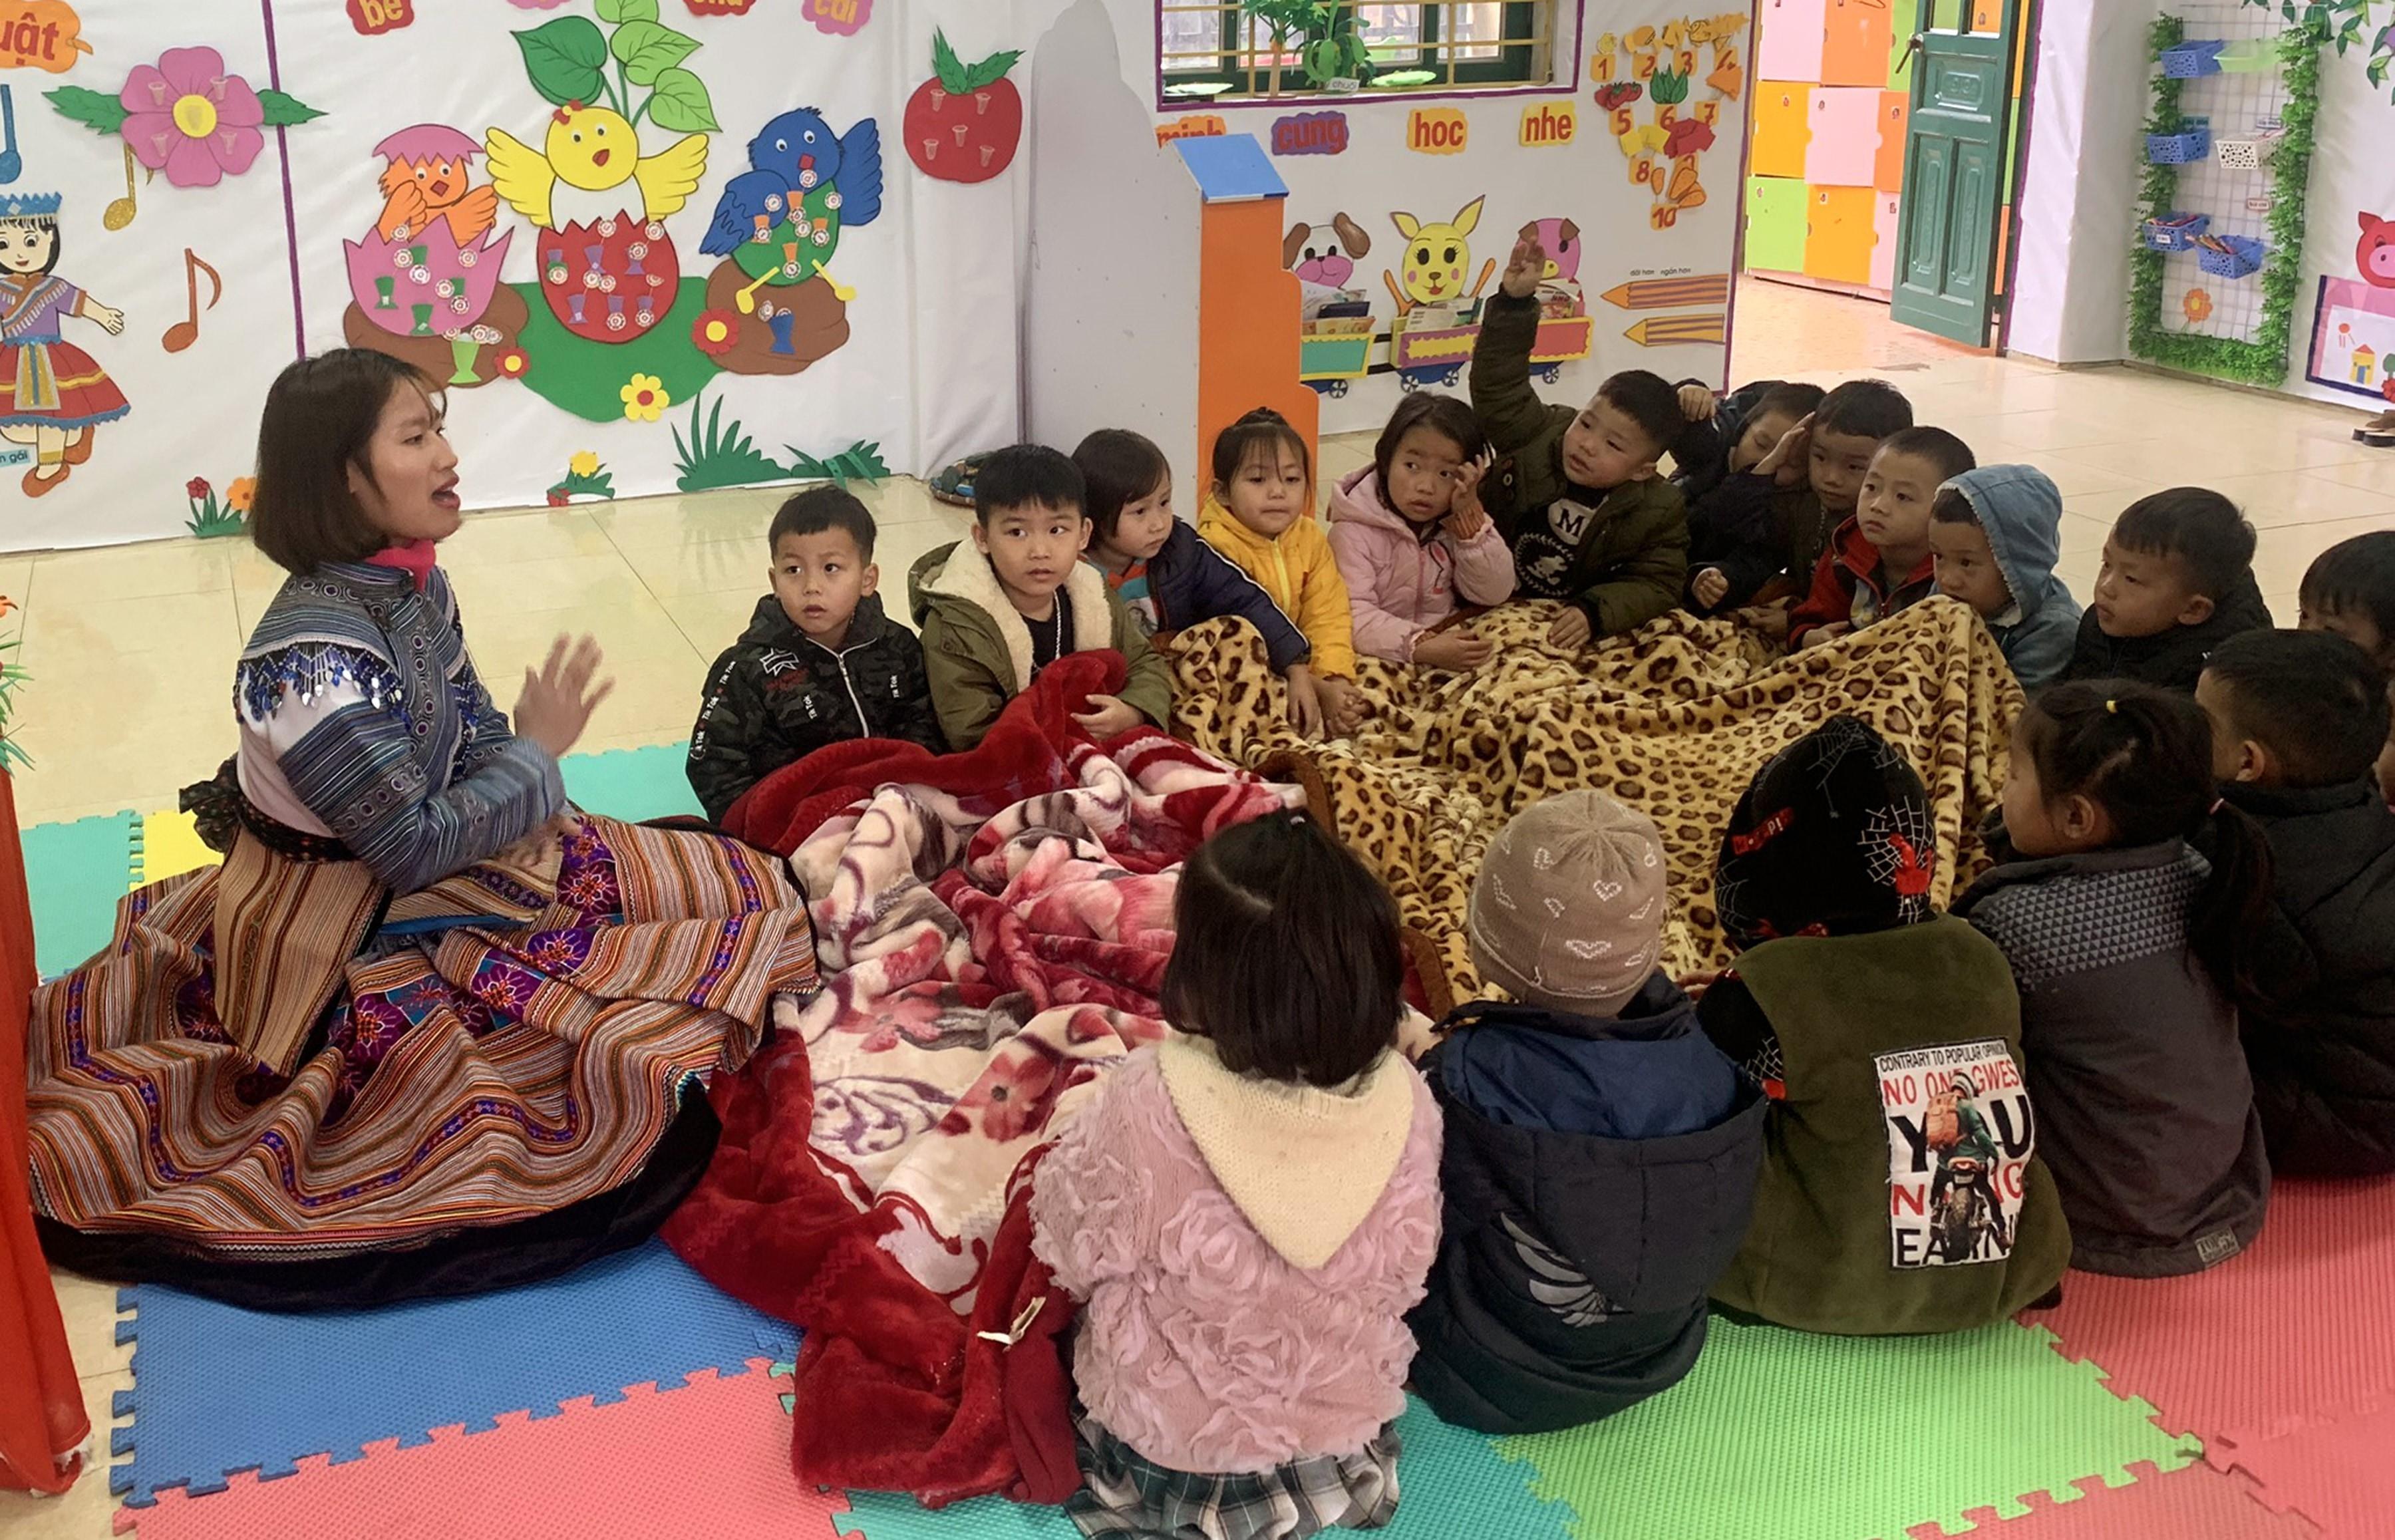 Trẻ em Trường Mầm non Simacai, huyện Simacai (Lào Cai) phải sử dụng thêm chăn trong giờ học để đảm bảo sức khỏe. Ảnh: Quốc Khánh/TTXVN